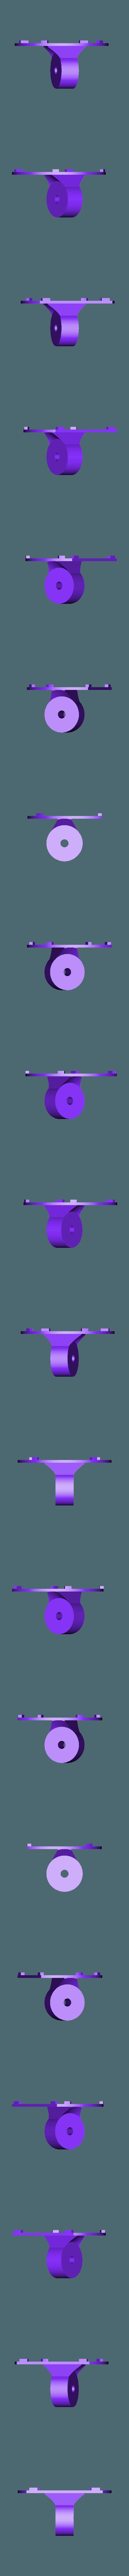 SupportoEyeToyCam.stl Télécharger fichier STL gratuit Supporte la caméra EyeToy PlayStation 2 • Plan pour impression 3D, Kliffom